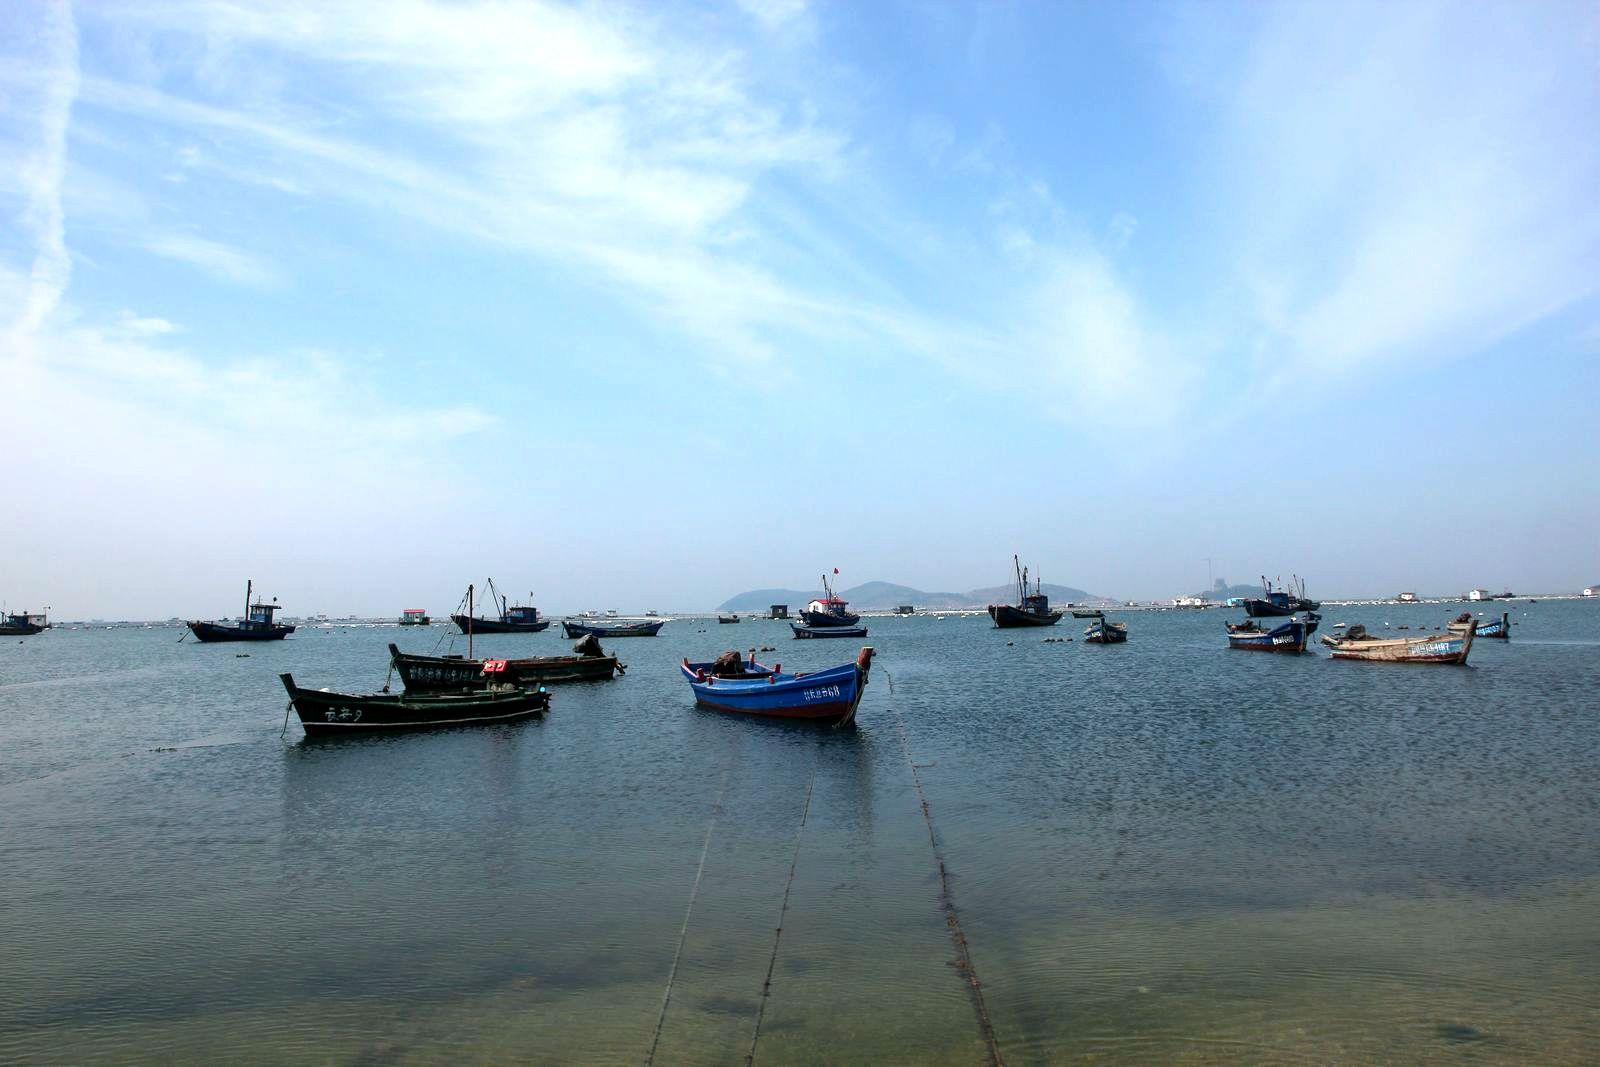 [照片摄影] 【红兵队】五一假期 蓬莱---浪漫长岛---休闲假期 活动